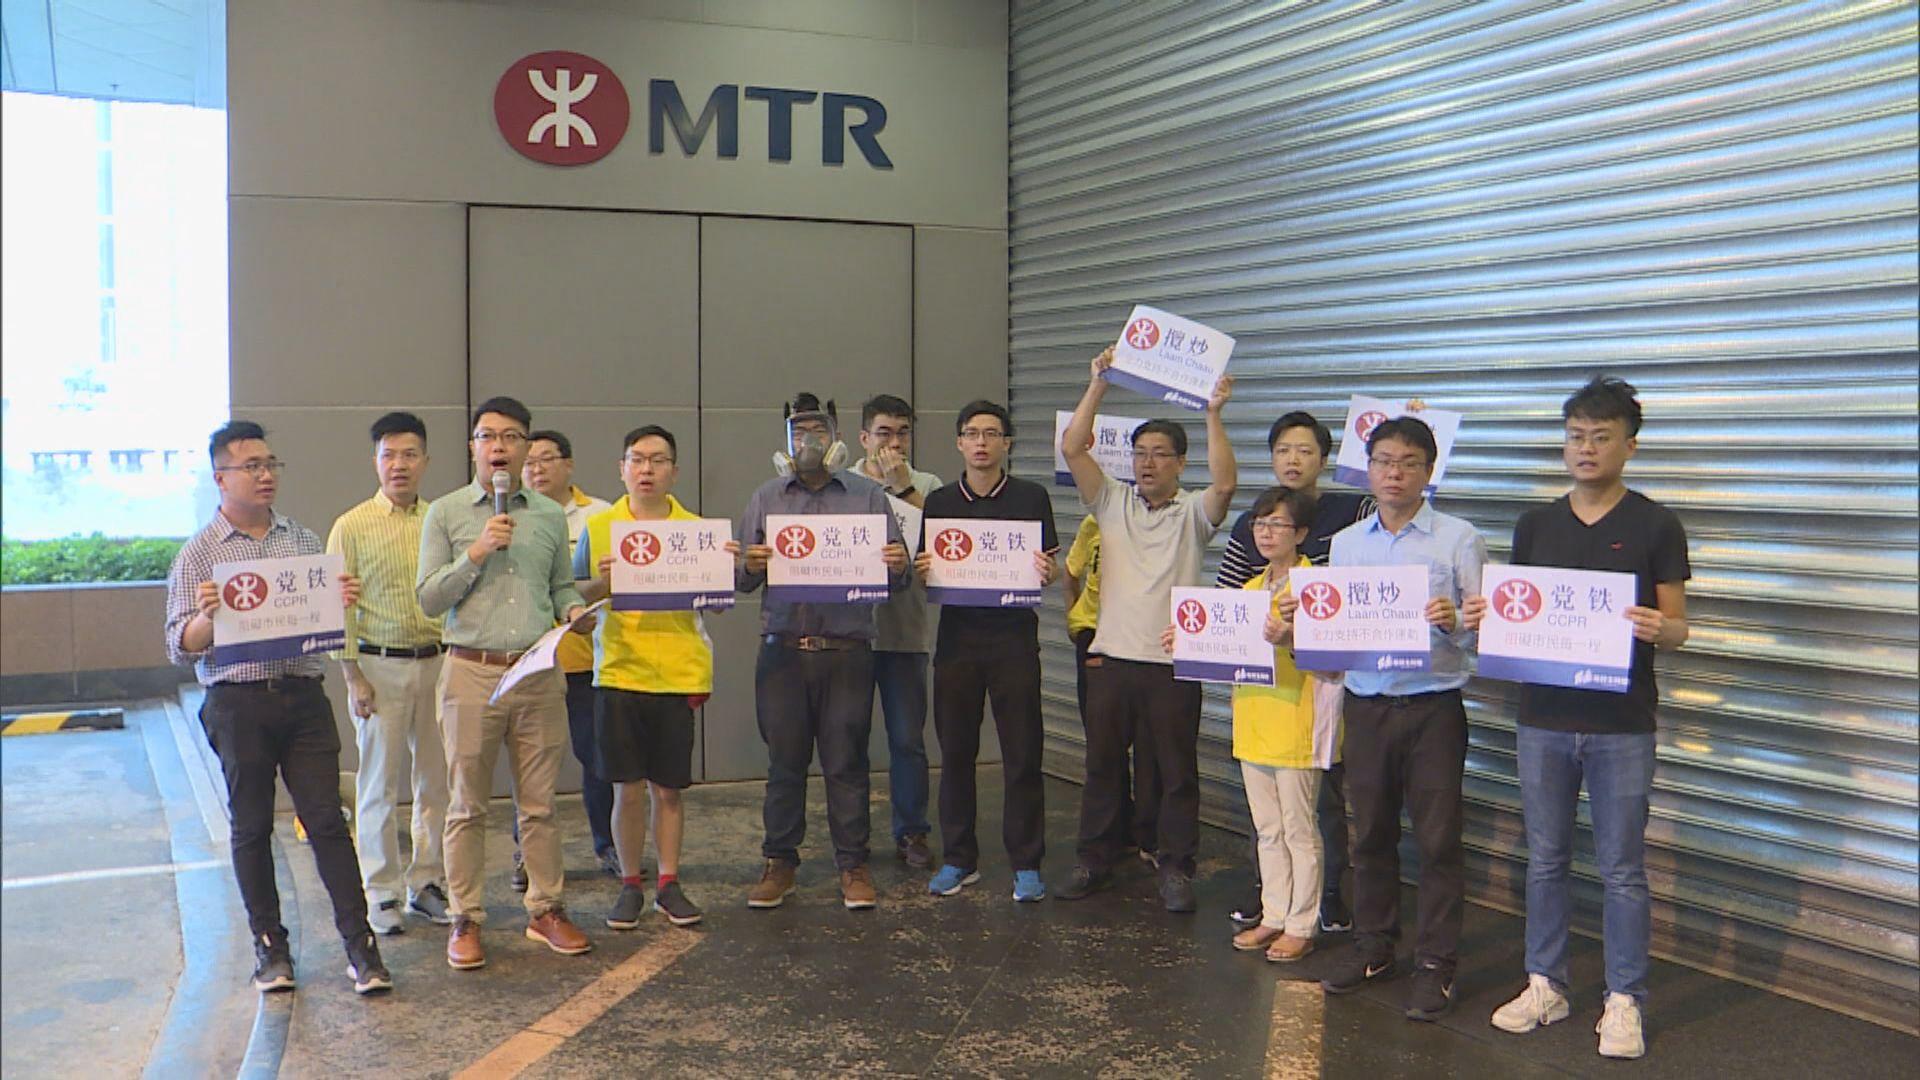 團體抗議港鐵暫停列車服務